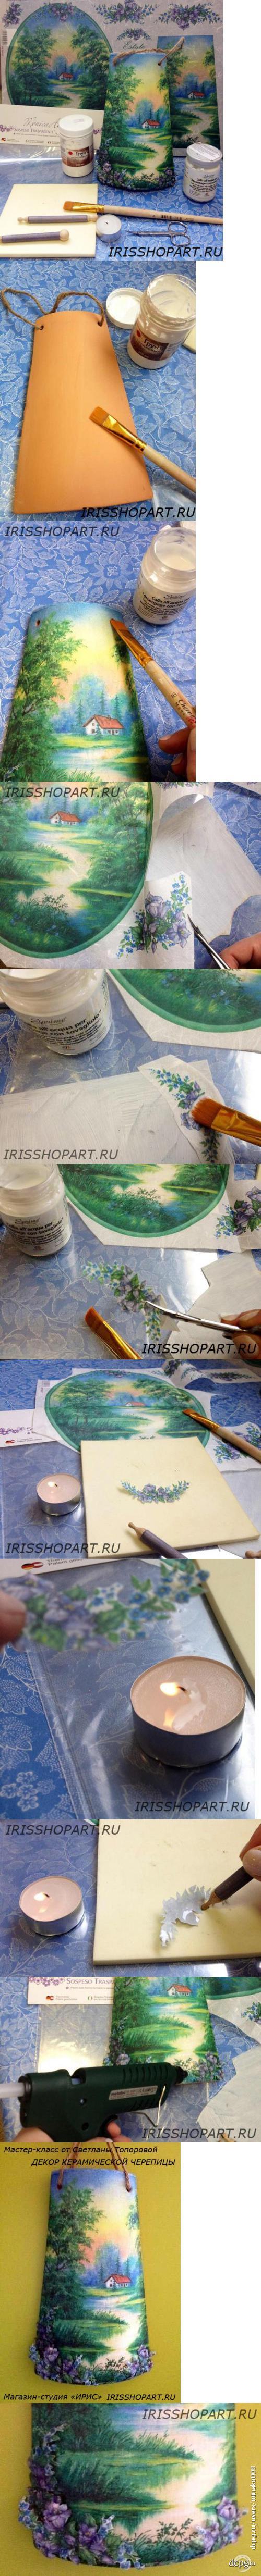 Pin de sandi duncan en decoupage el arte de la artesan a tejidos y decoracion pintura - Pintar tejas de barro ...